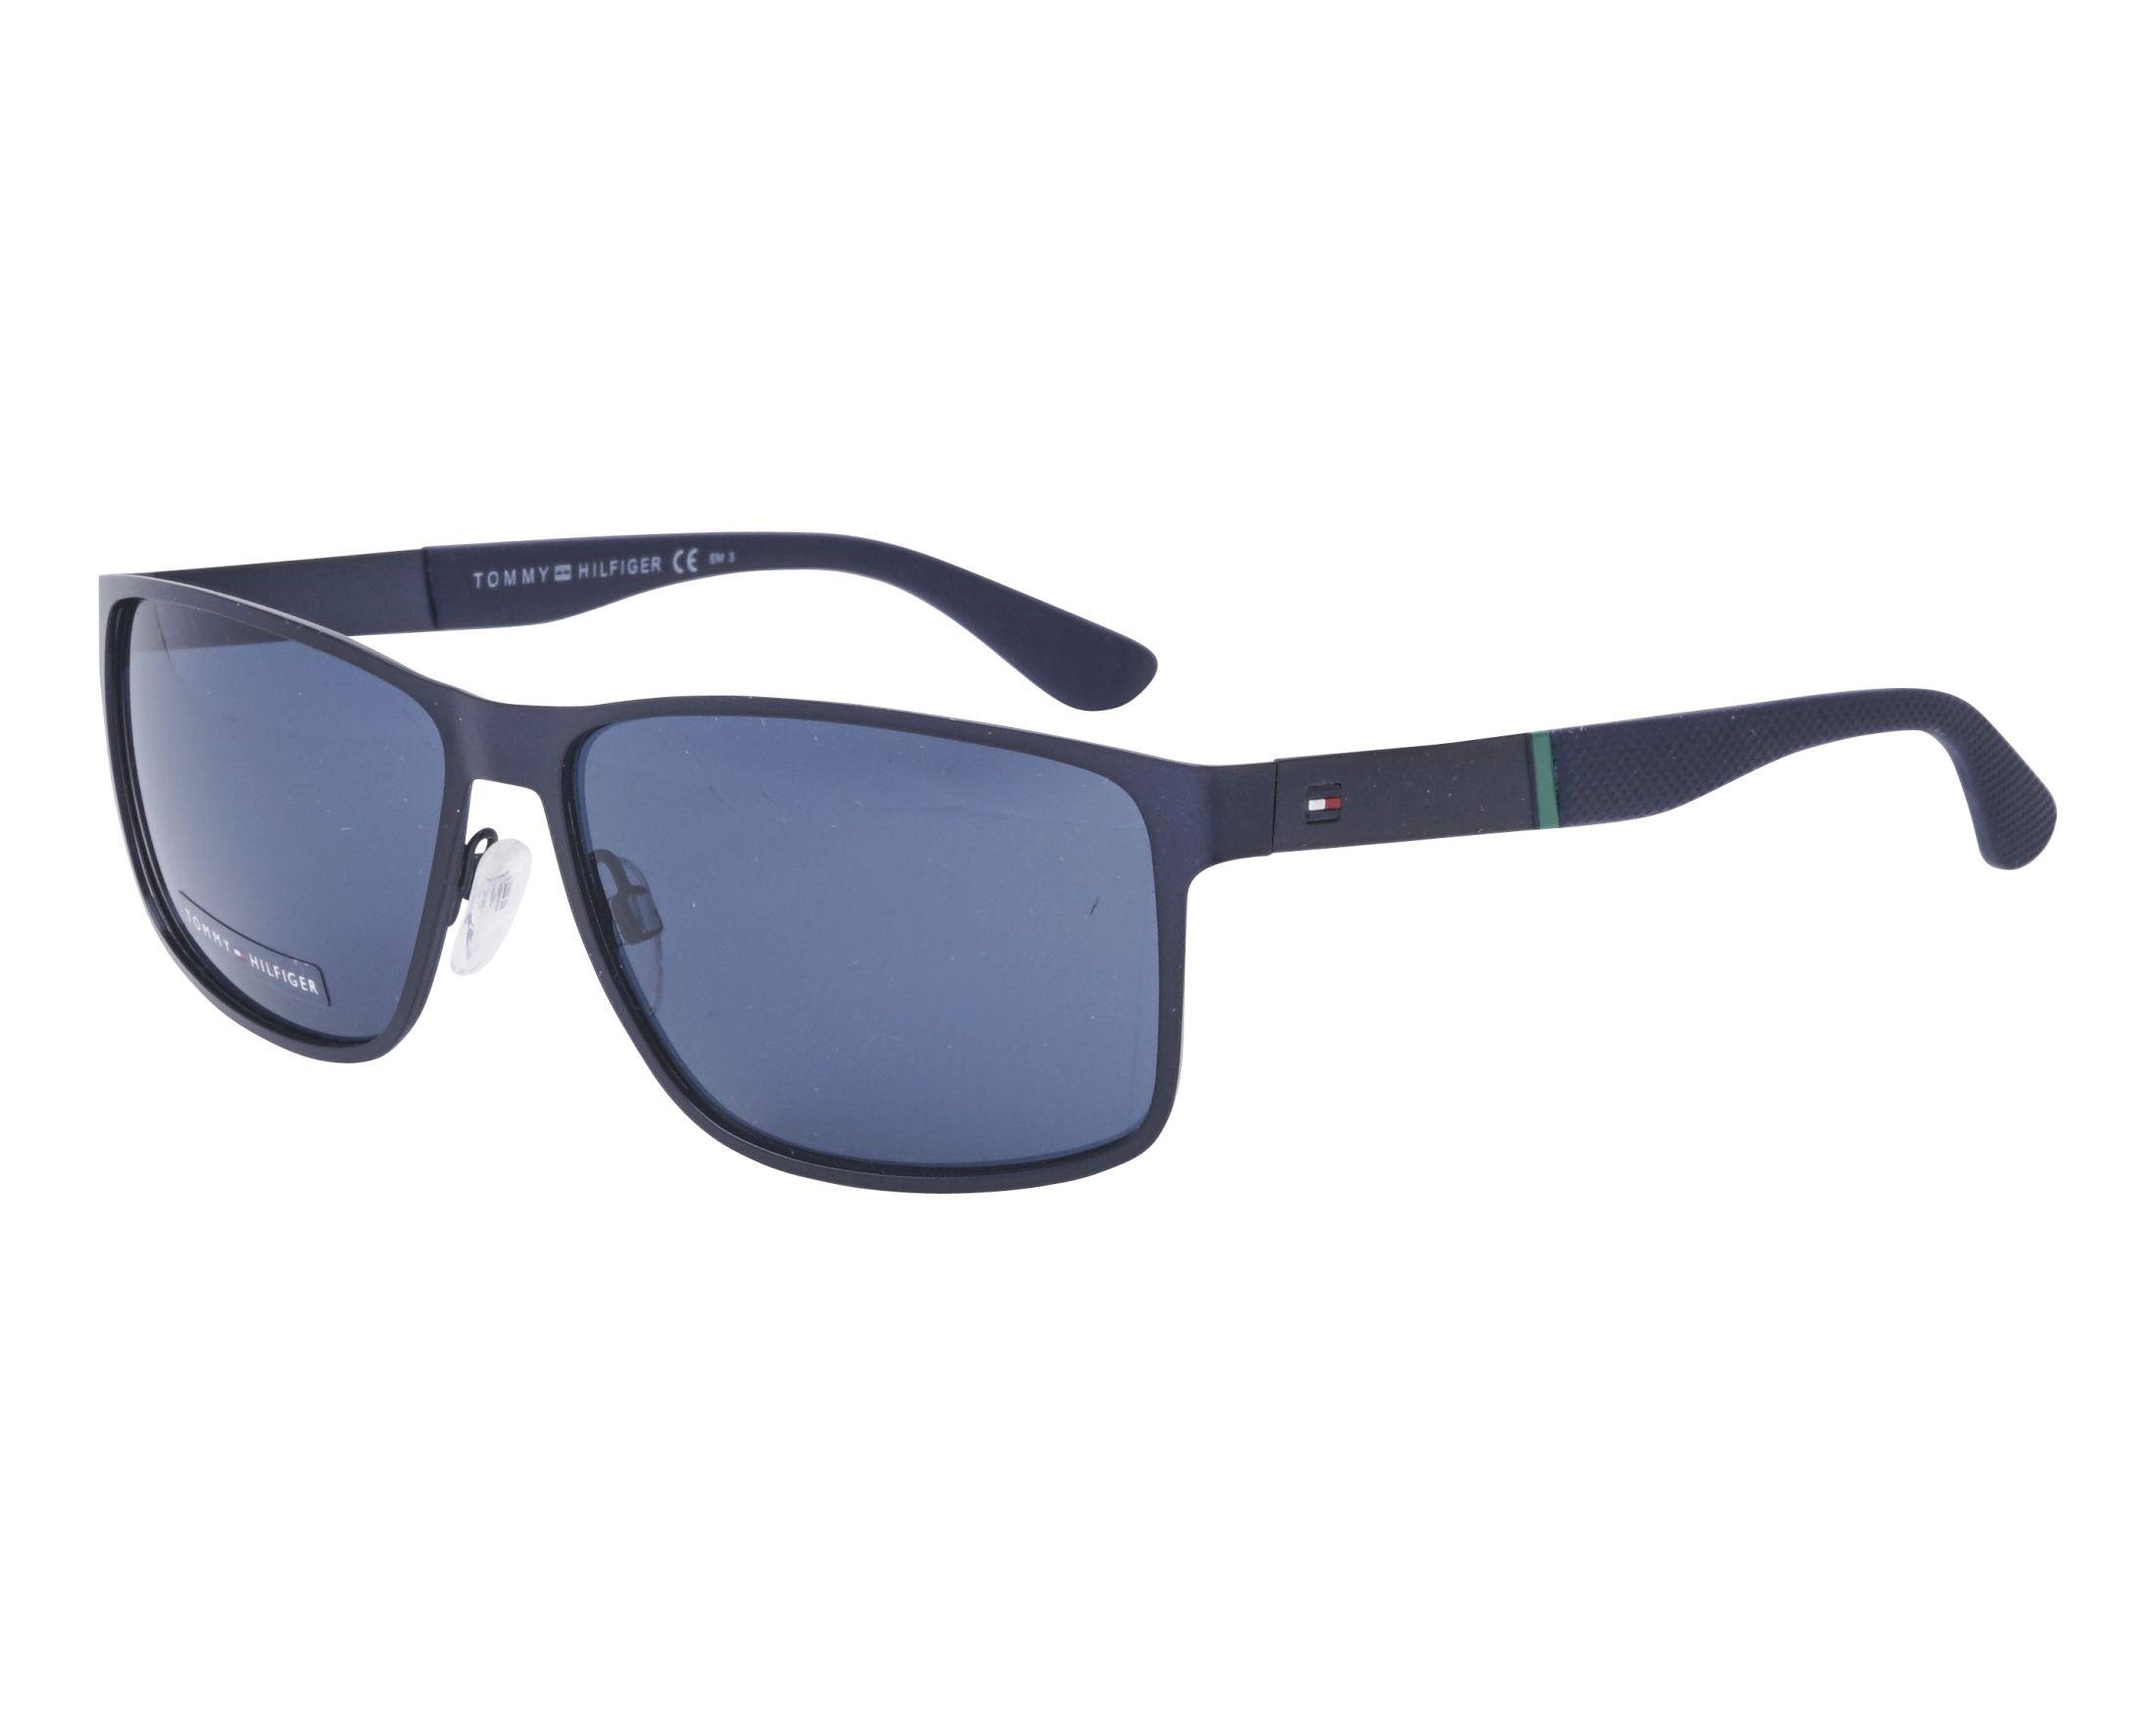 Tommy Hilfiger TH1542/S FLLKU Sonnenbrille hc8Ktq1rS